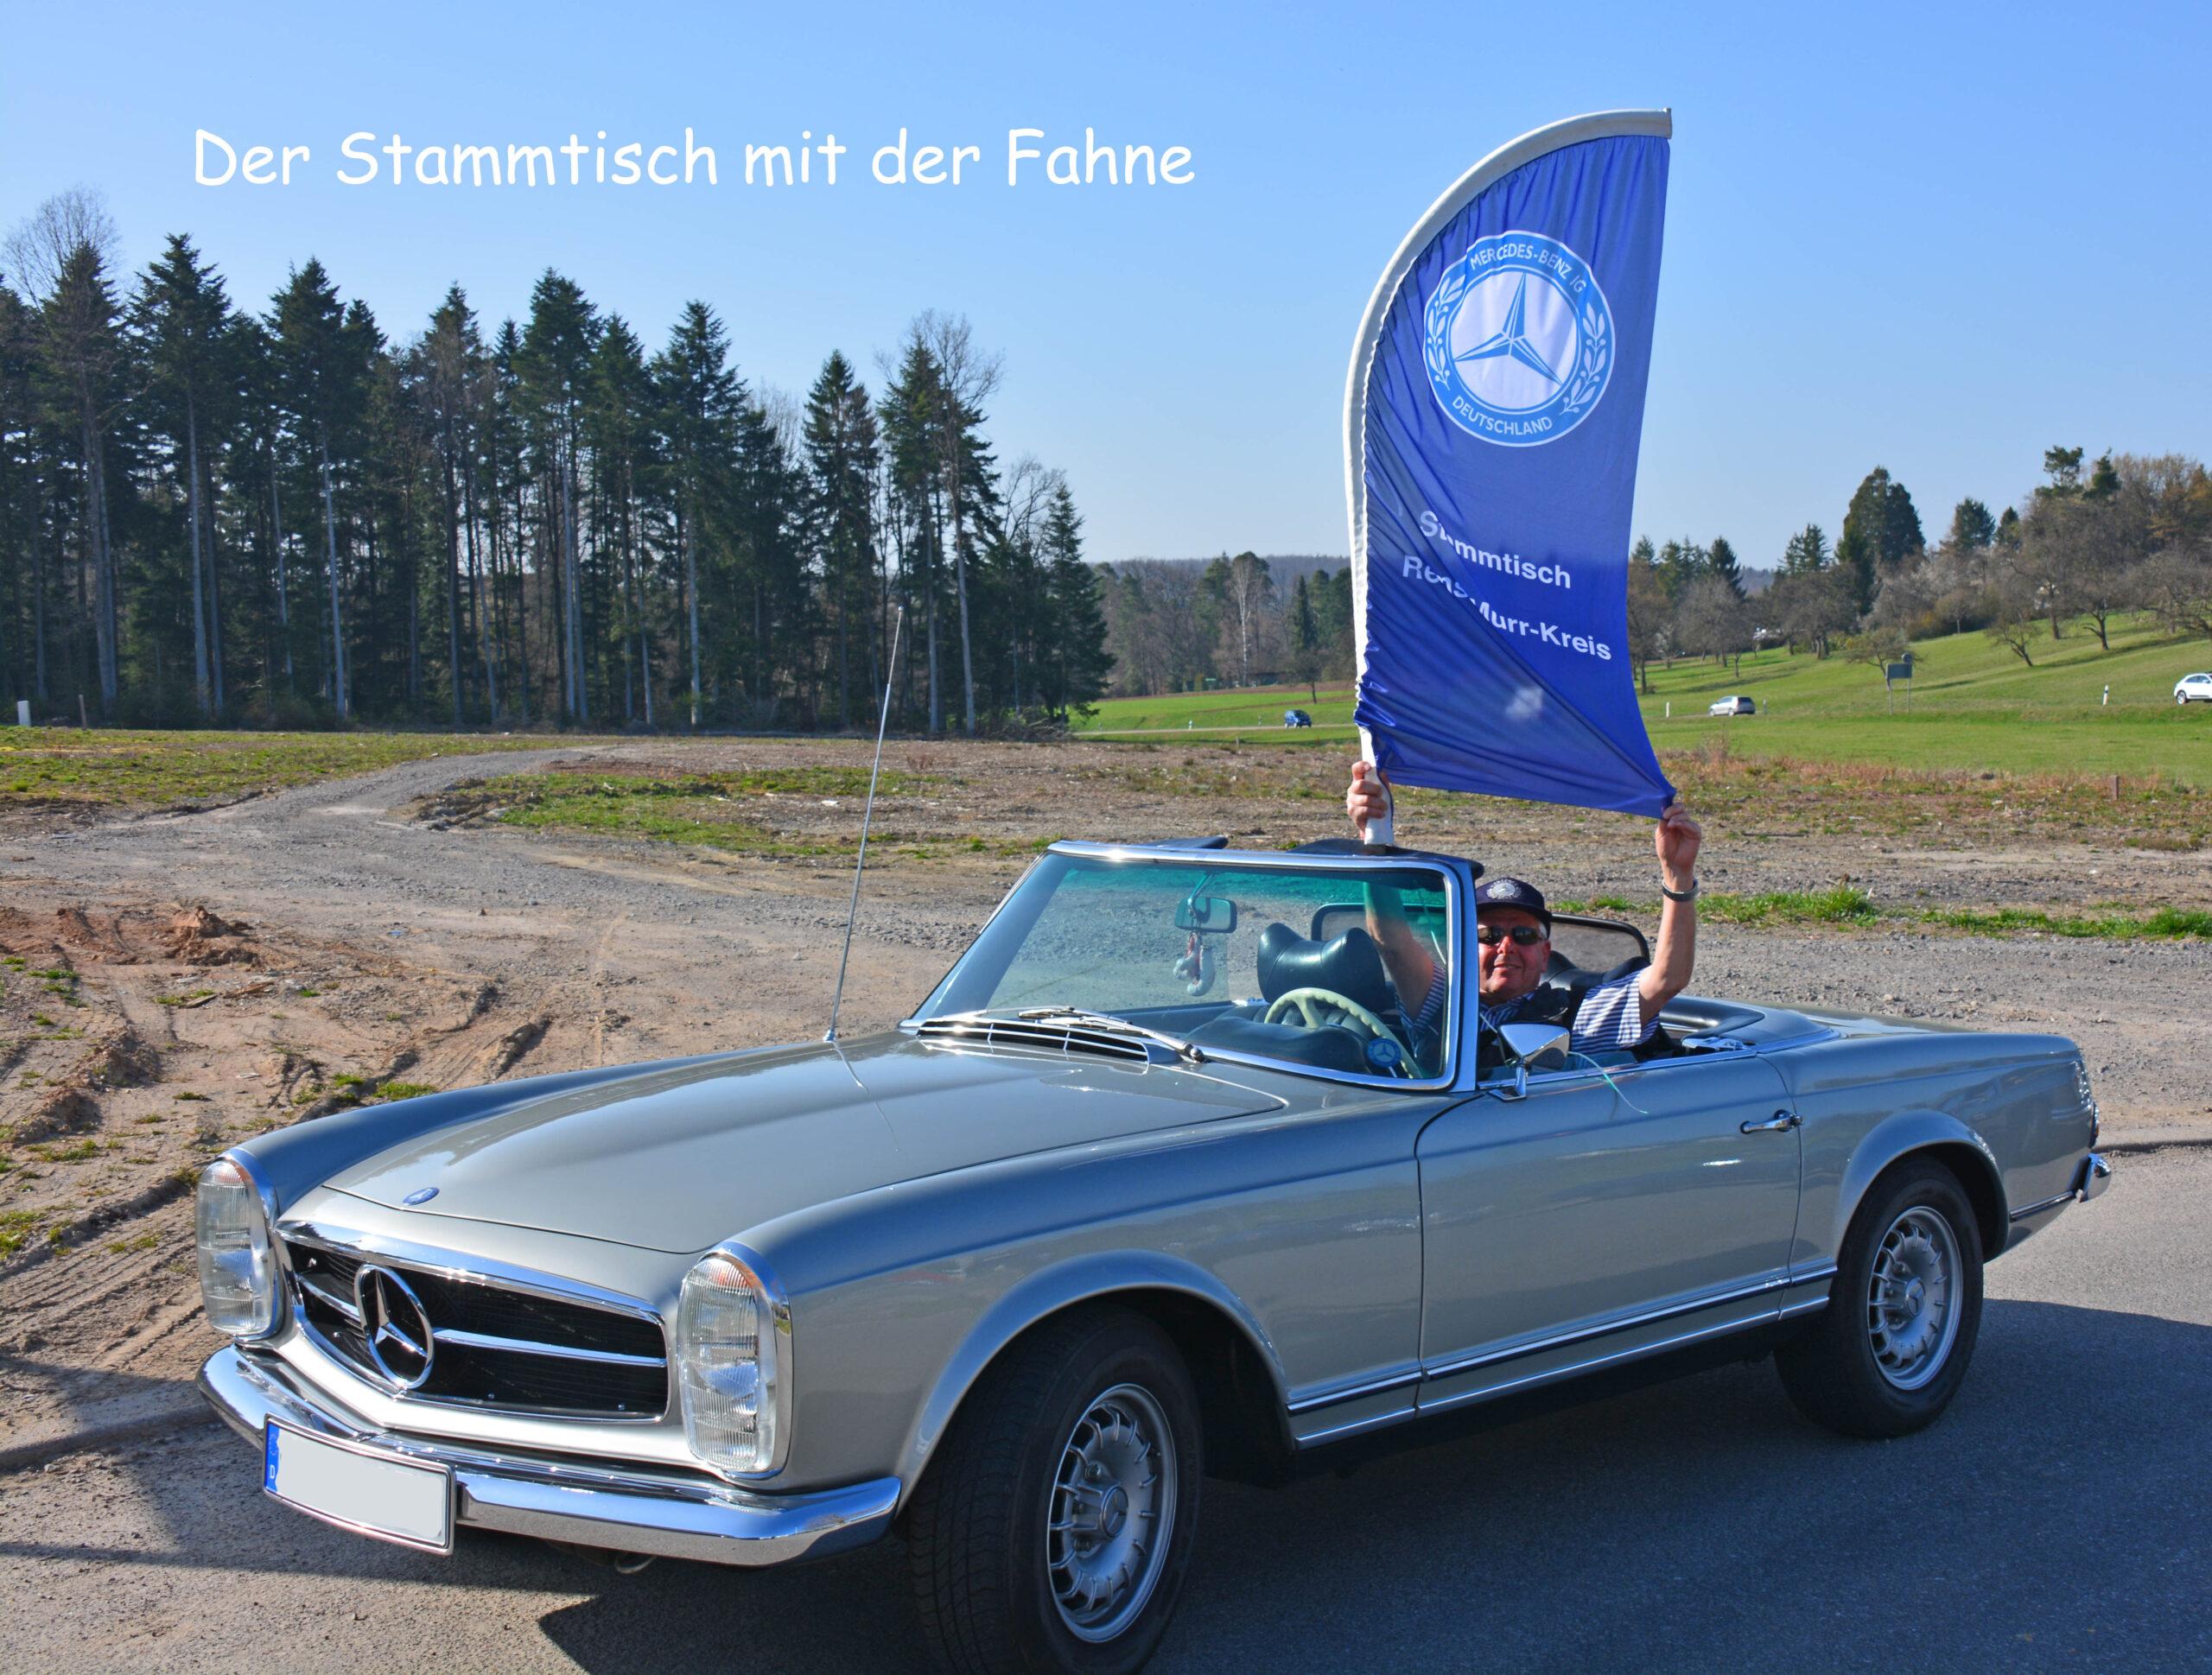 Gerd mit Fahne